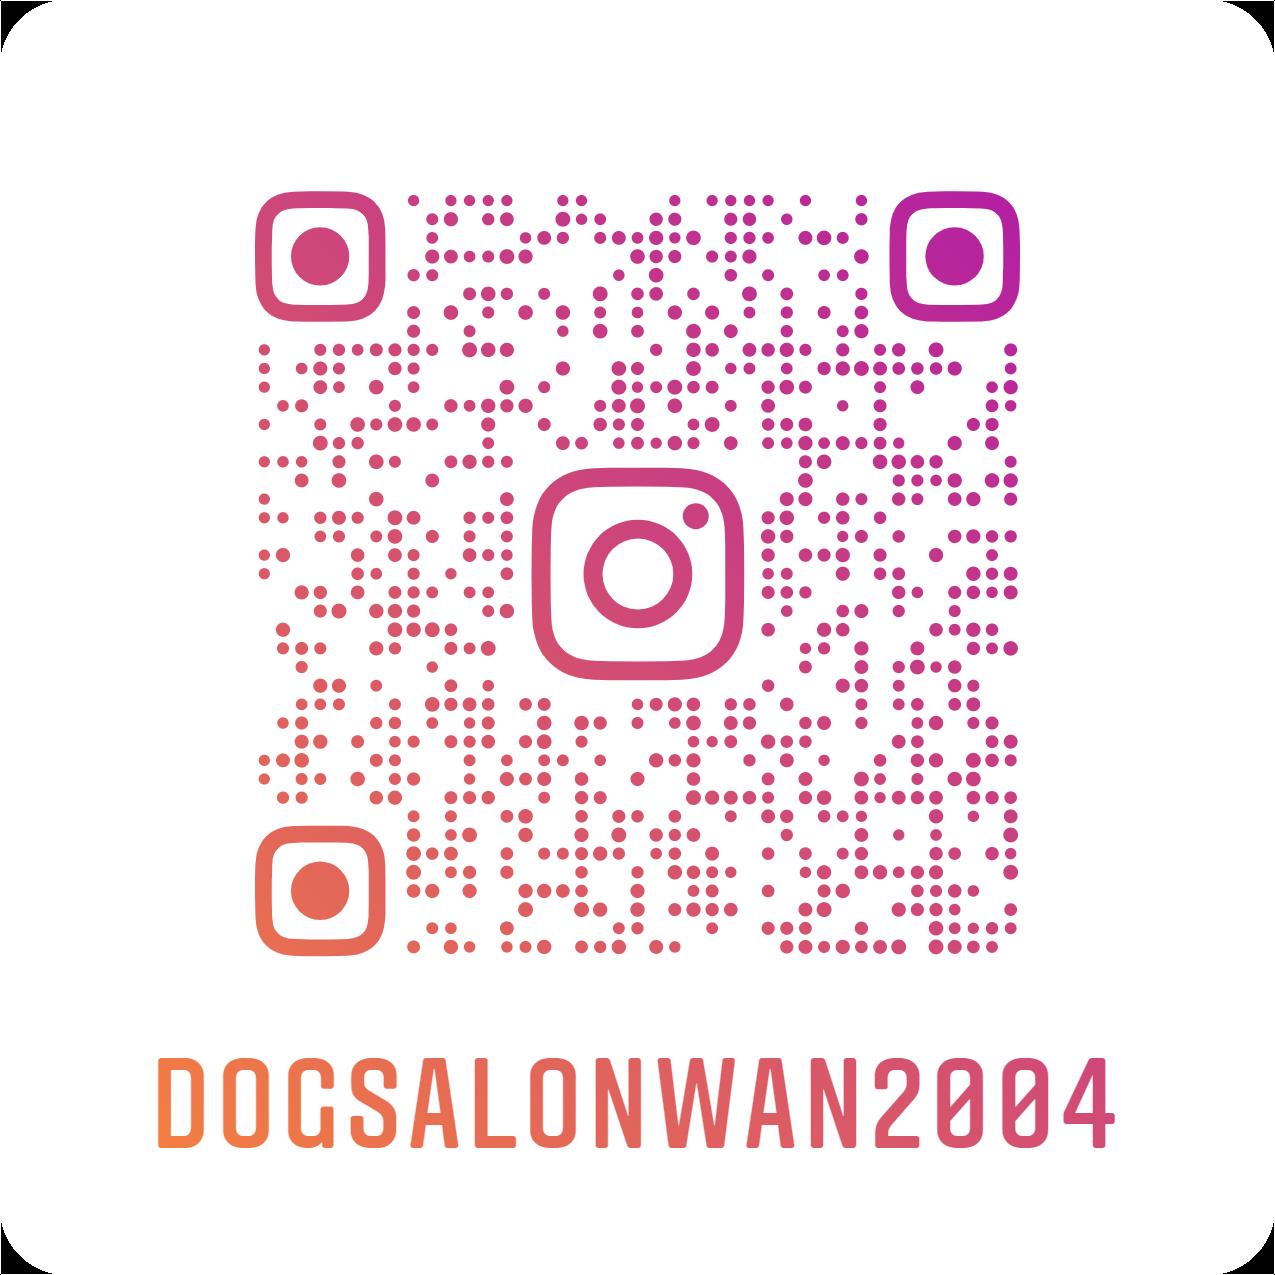 dogsalonwan2004_nametag_20210314155842f36.png